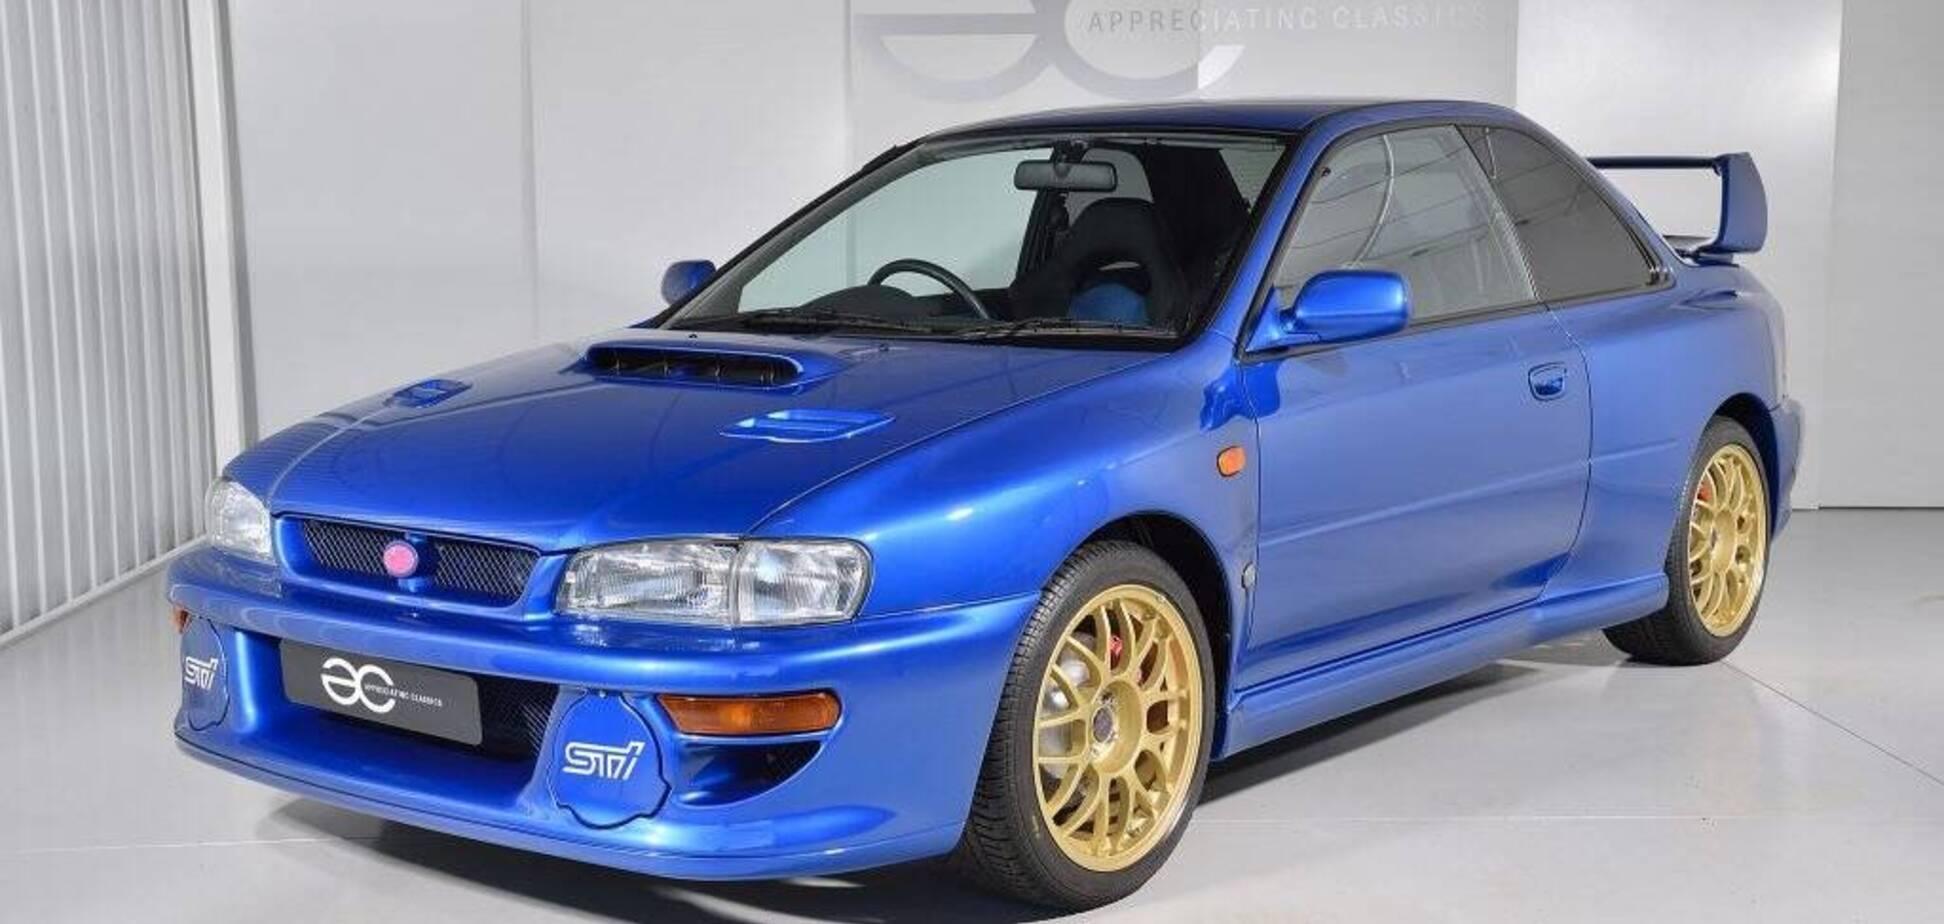 Знаменитую Subaru Impreza 22B STi продают в отличном состоянии. Фото: appreciating-classics.com